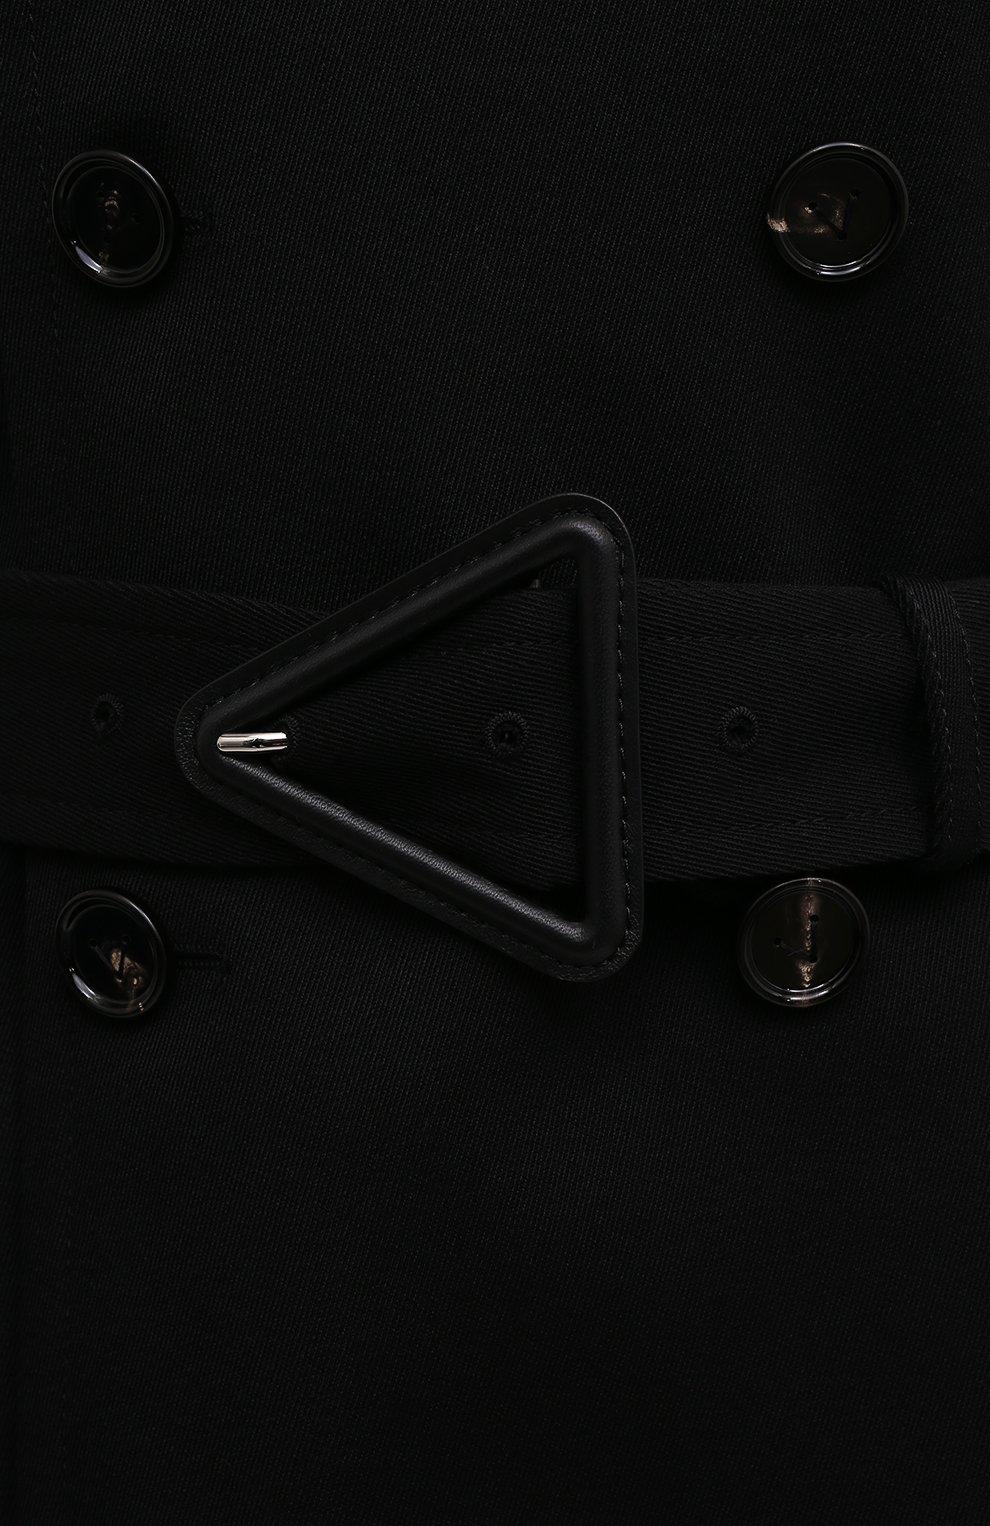 Женский шерстяной тренч BOTTEGA VENETA черного цвета, арт. 666052/V0B20 | Фото 5 (Материал внешний: Шерсть; Рукава: Длинные; Длина (верхняя одежда): Длинные; Материал подклада: Хлопок; Стили: Кэжуэл)